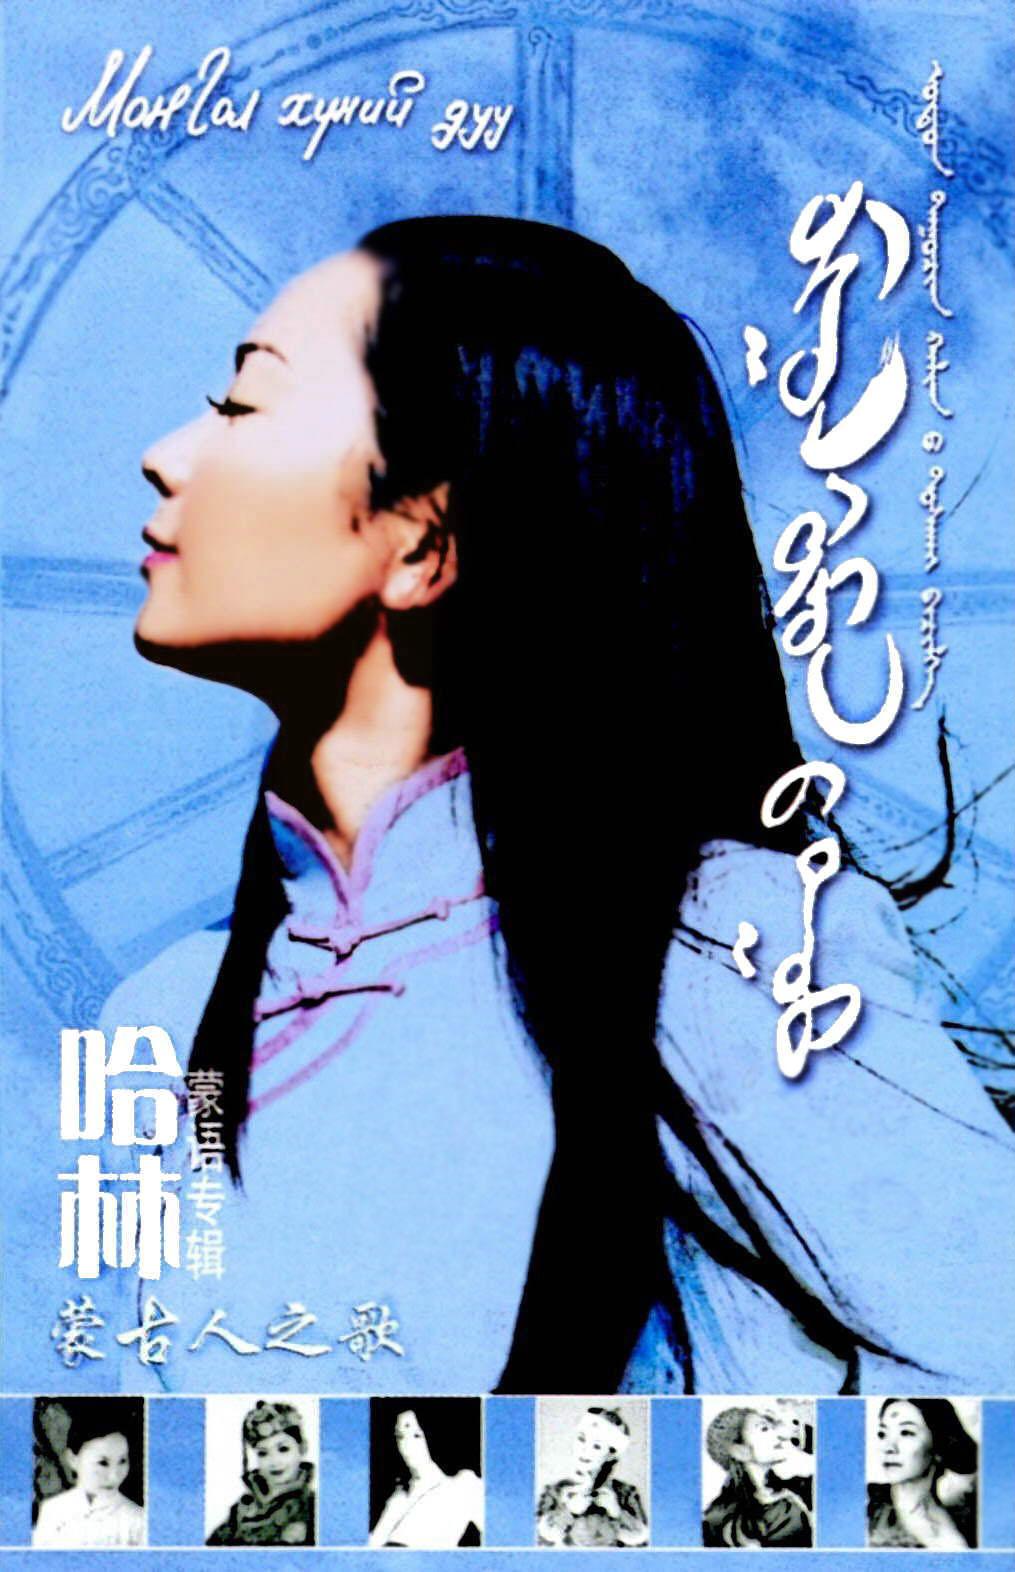 蒙古人之歌 专辑 哈琳